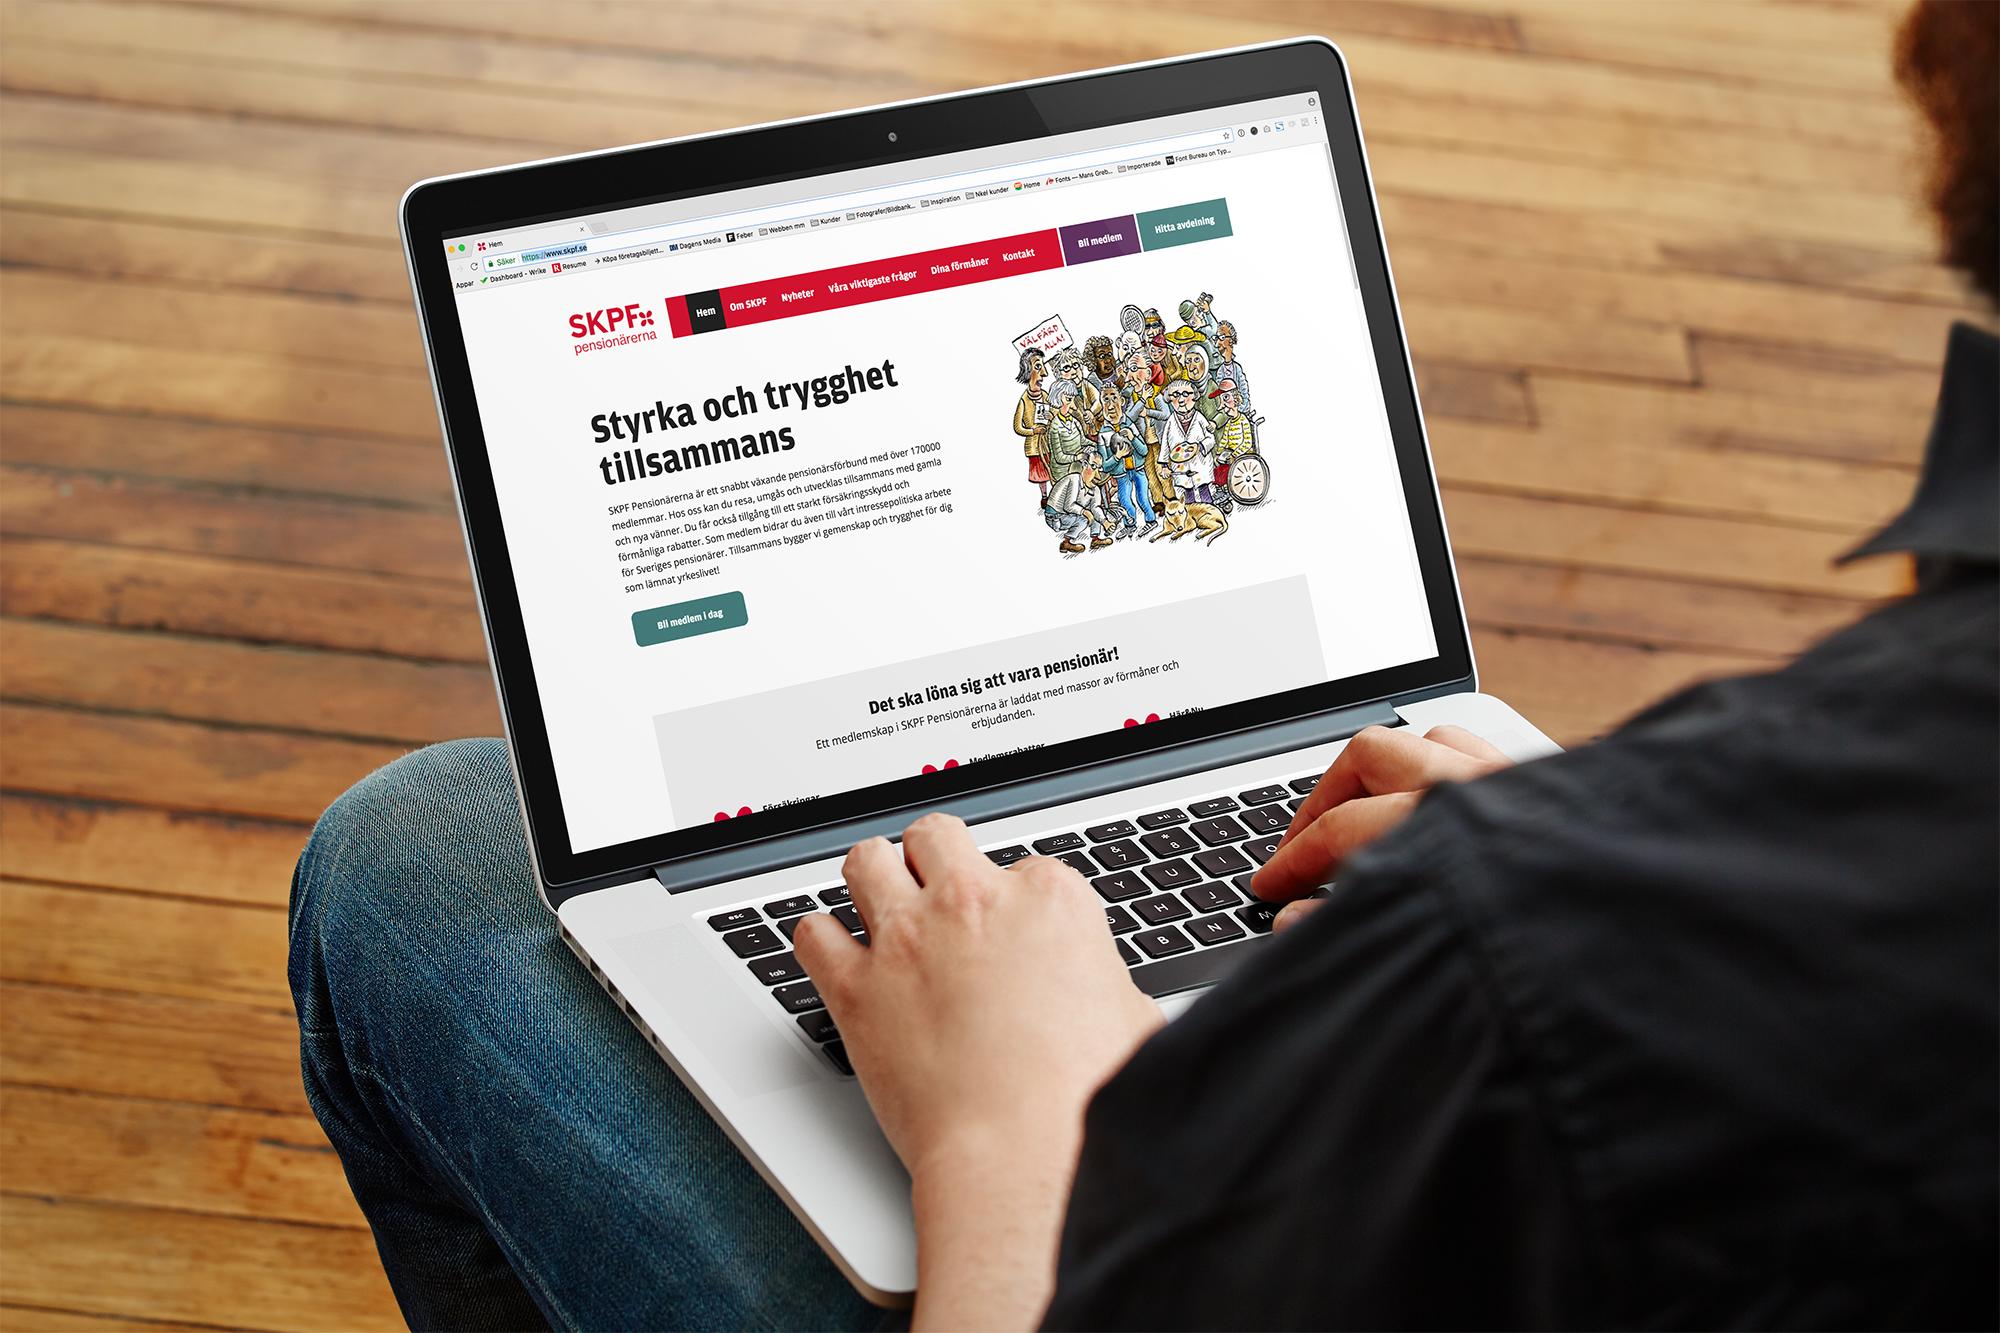 Ny skräddarsydd hemsida för SKPF utvecklad i WordPress